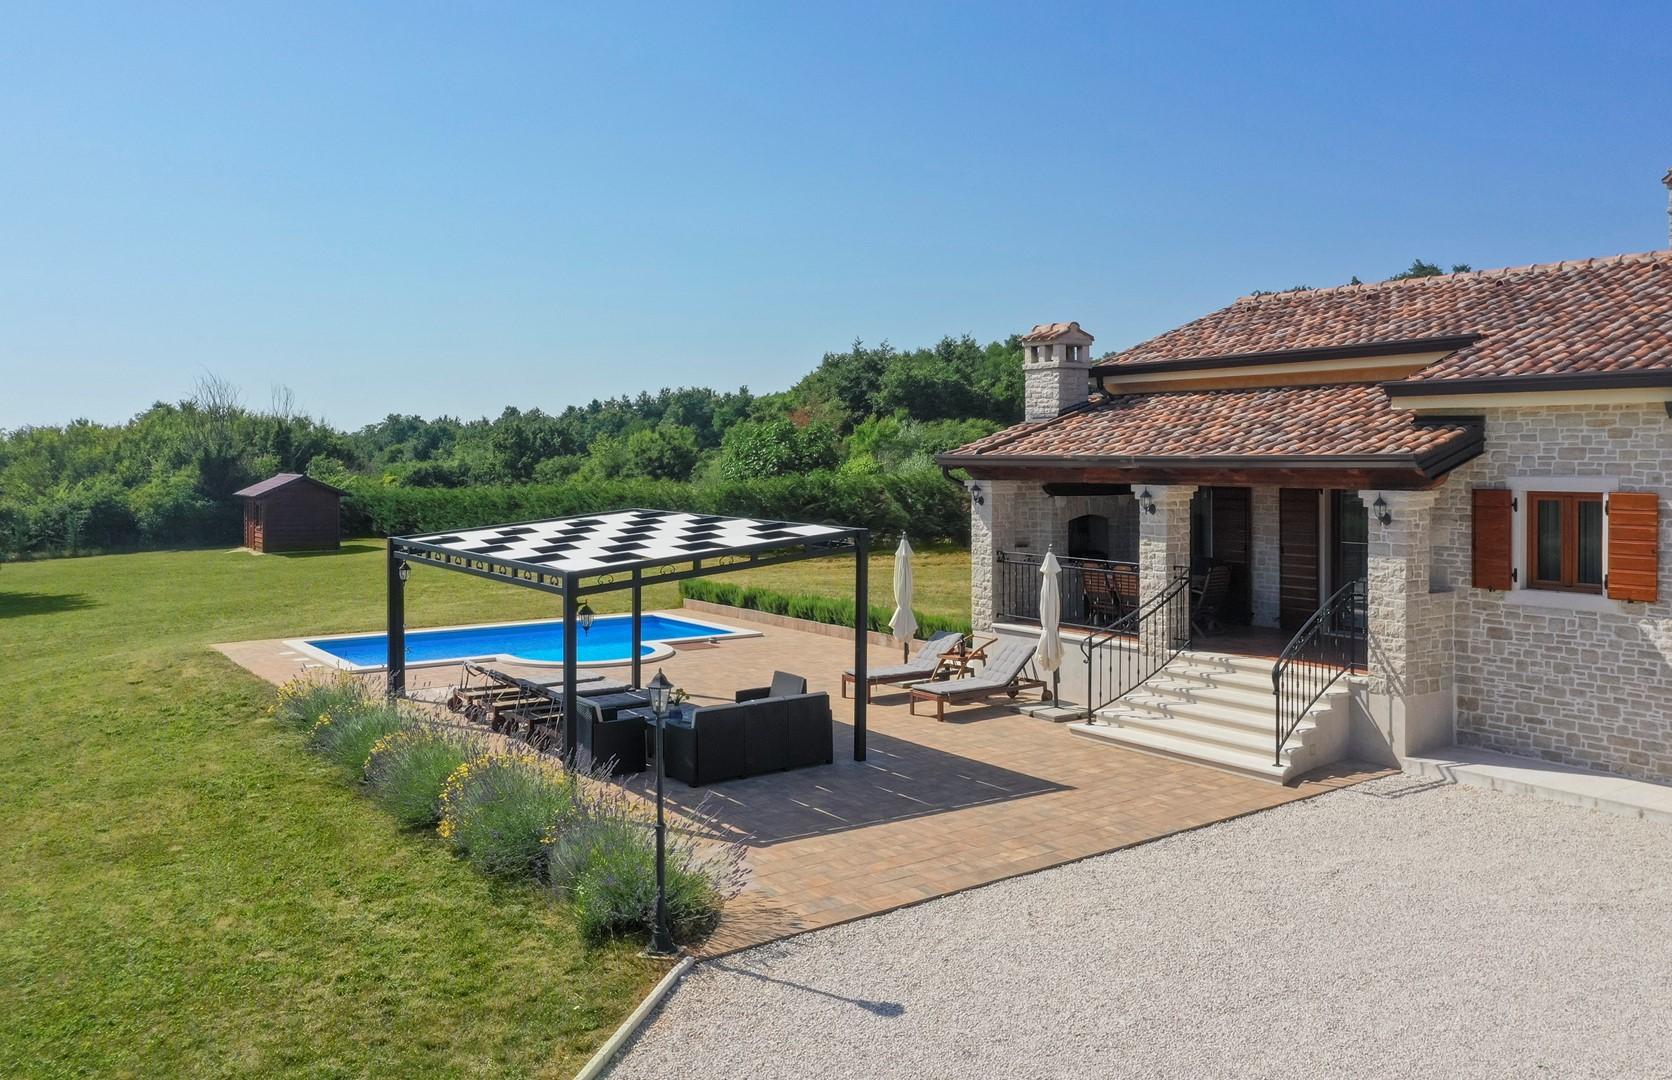 Ferienhaus Villa Elida mit Pool in abgelegene Lage - Zentral-Istrien (2789996), Pazin, , Istrien, Kroatien, Bild 41